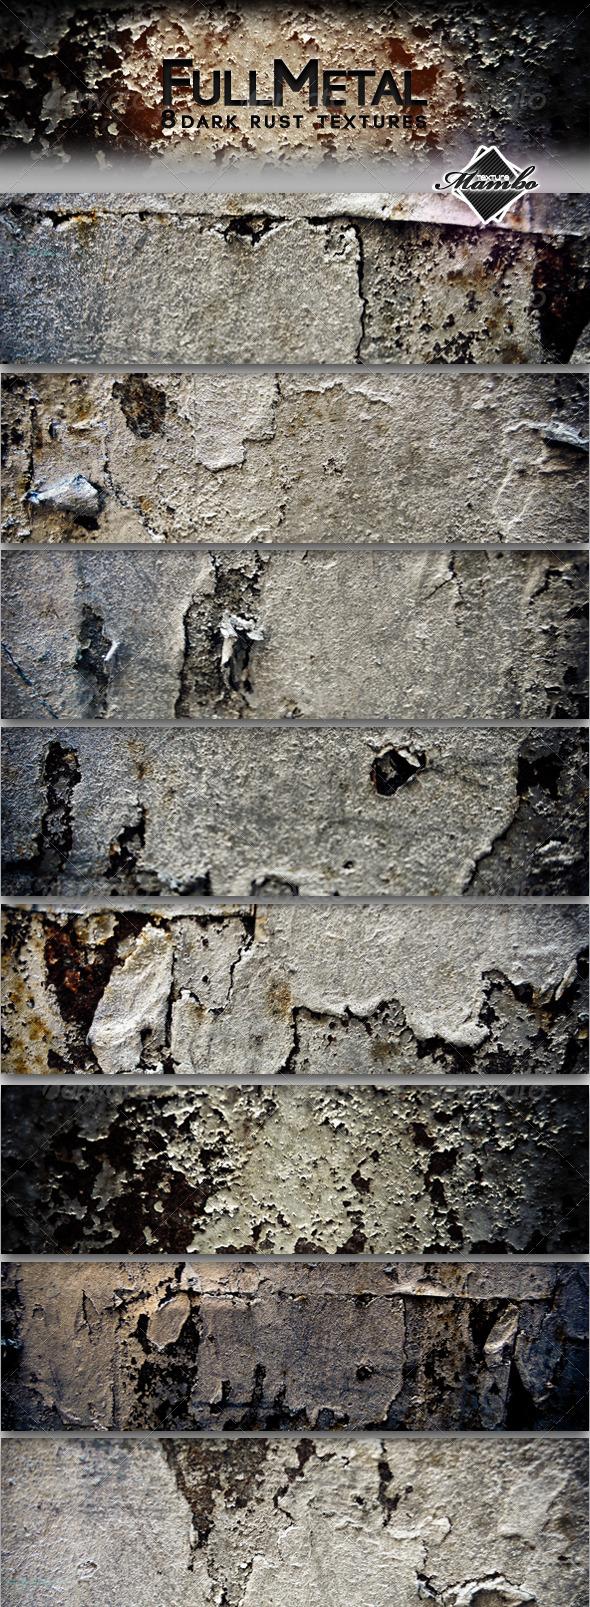 FullMetal - Dark rust textures - Industrial / Grunge Textures